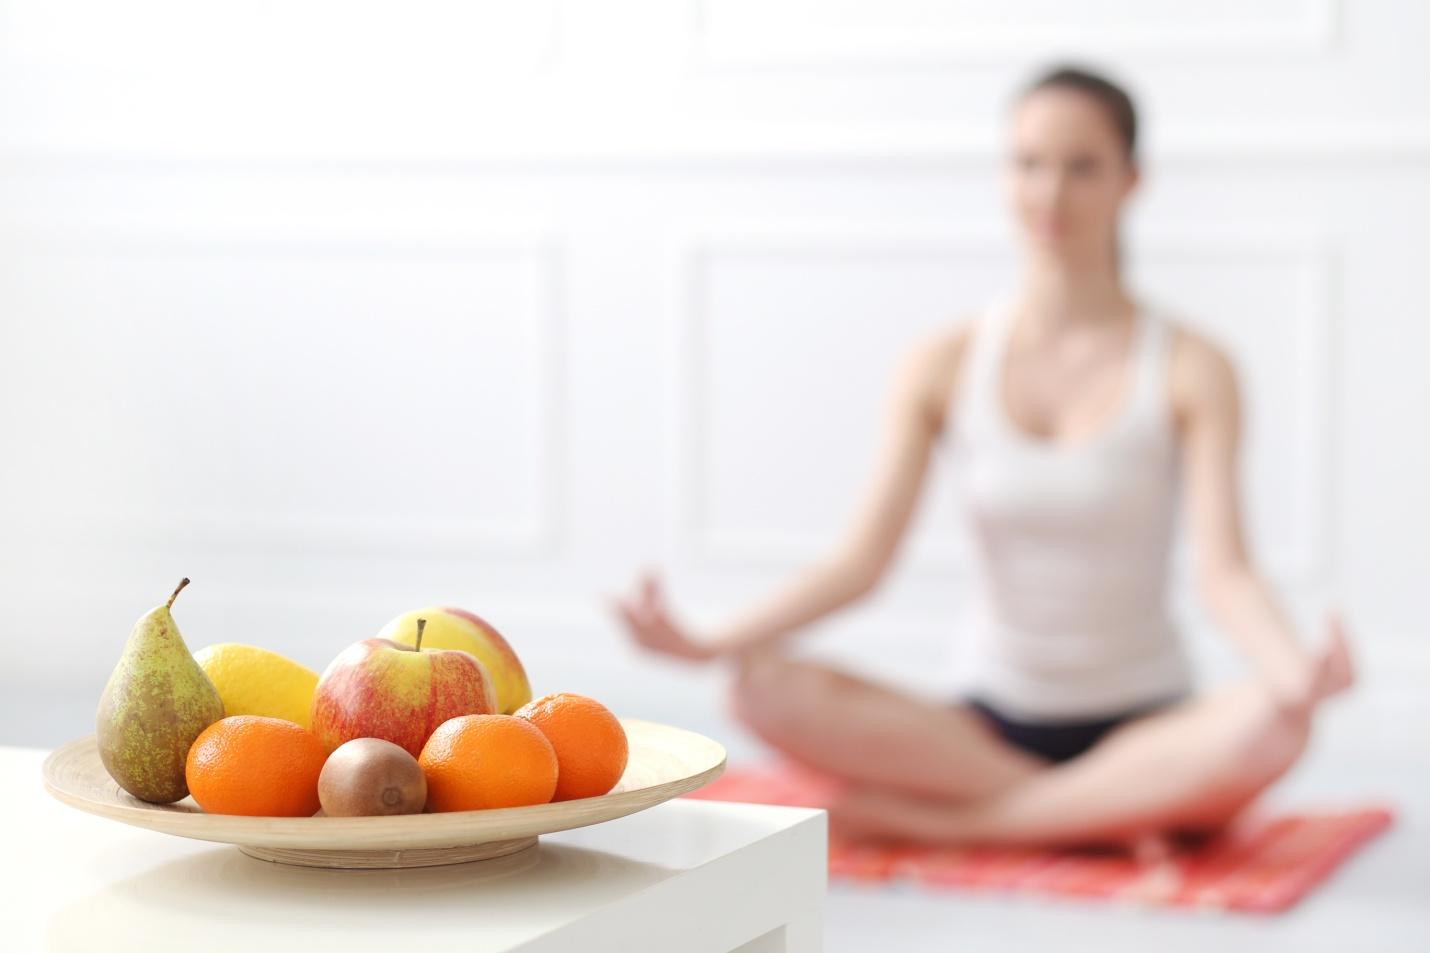 Кедровая бочка польза для здоровья